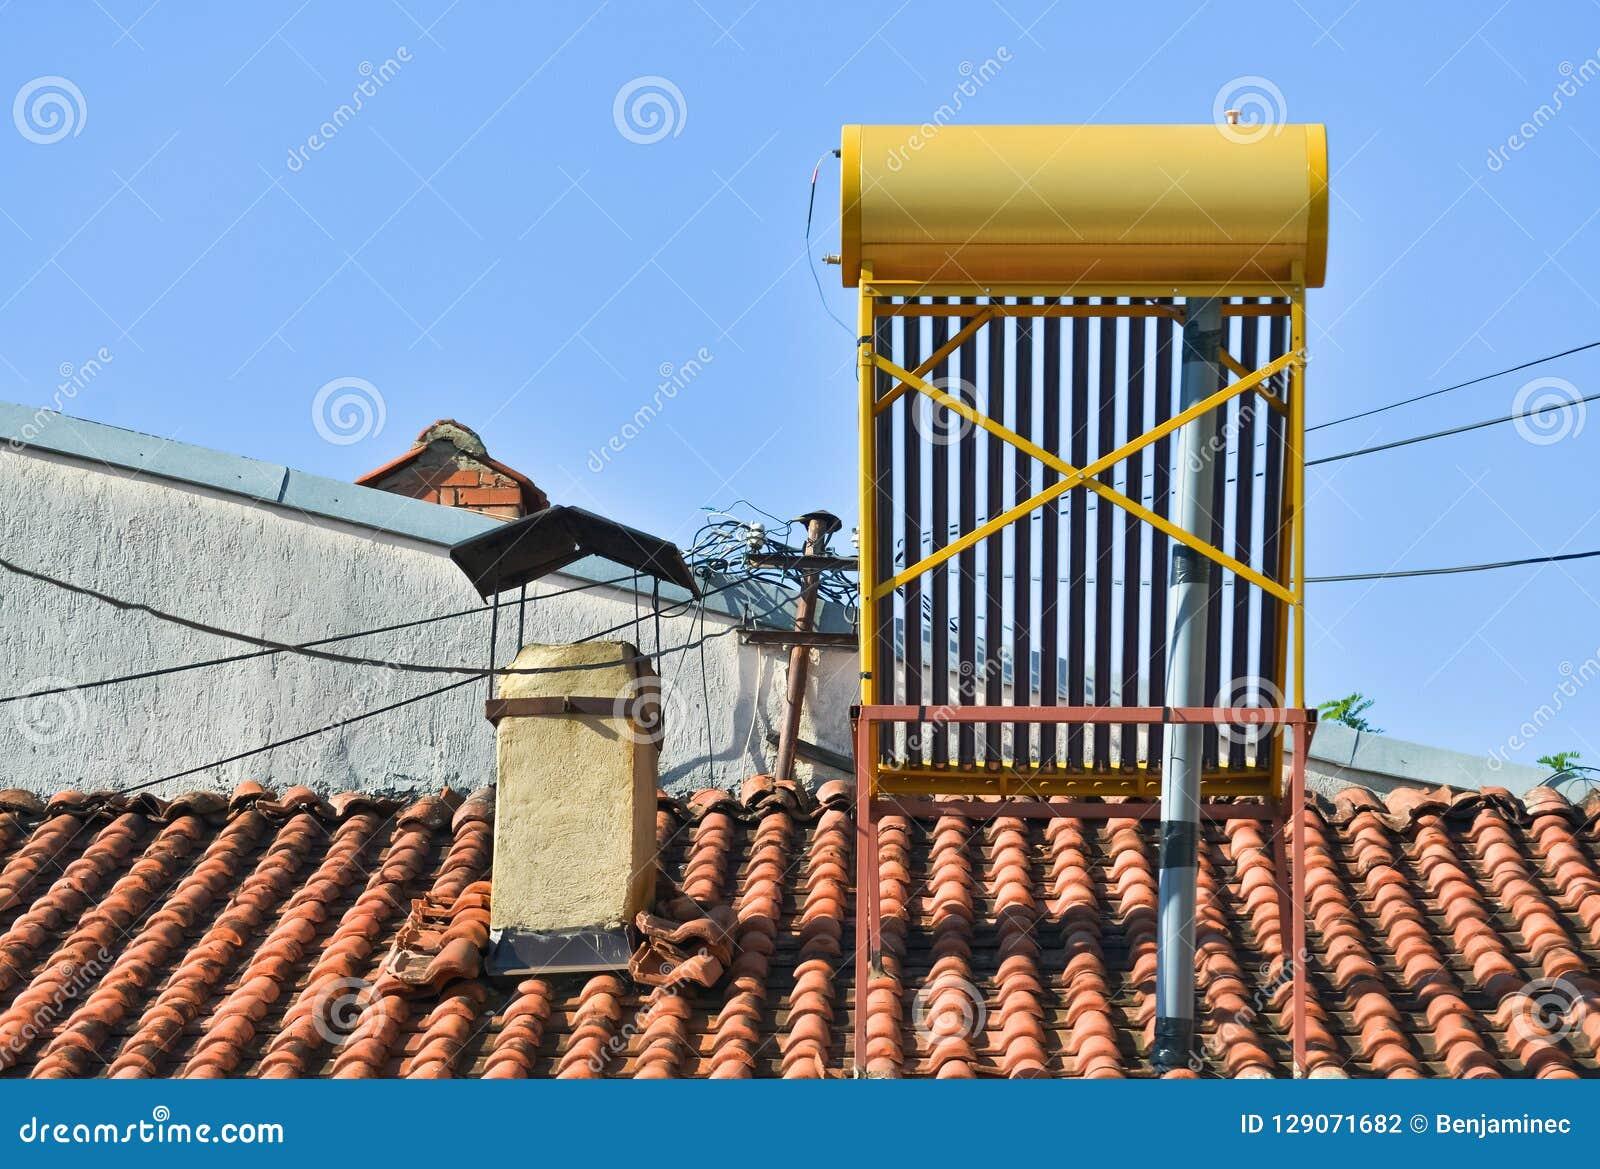 Solar boiler on the roof